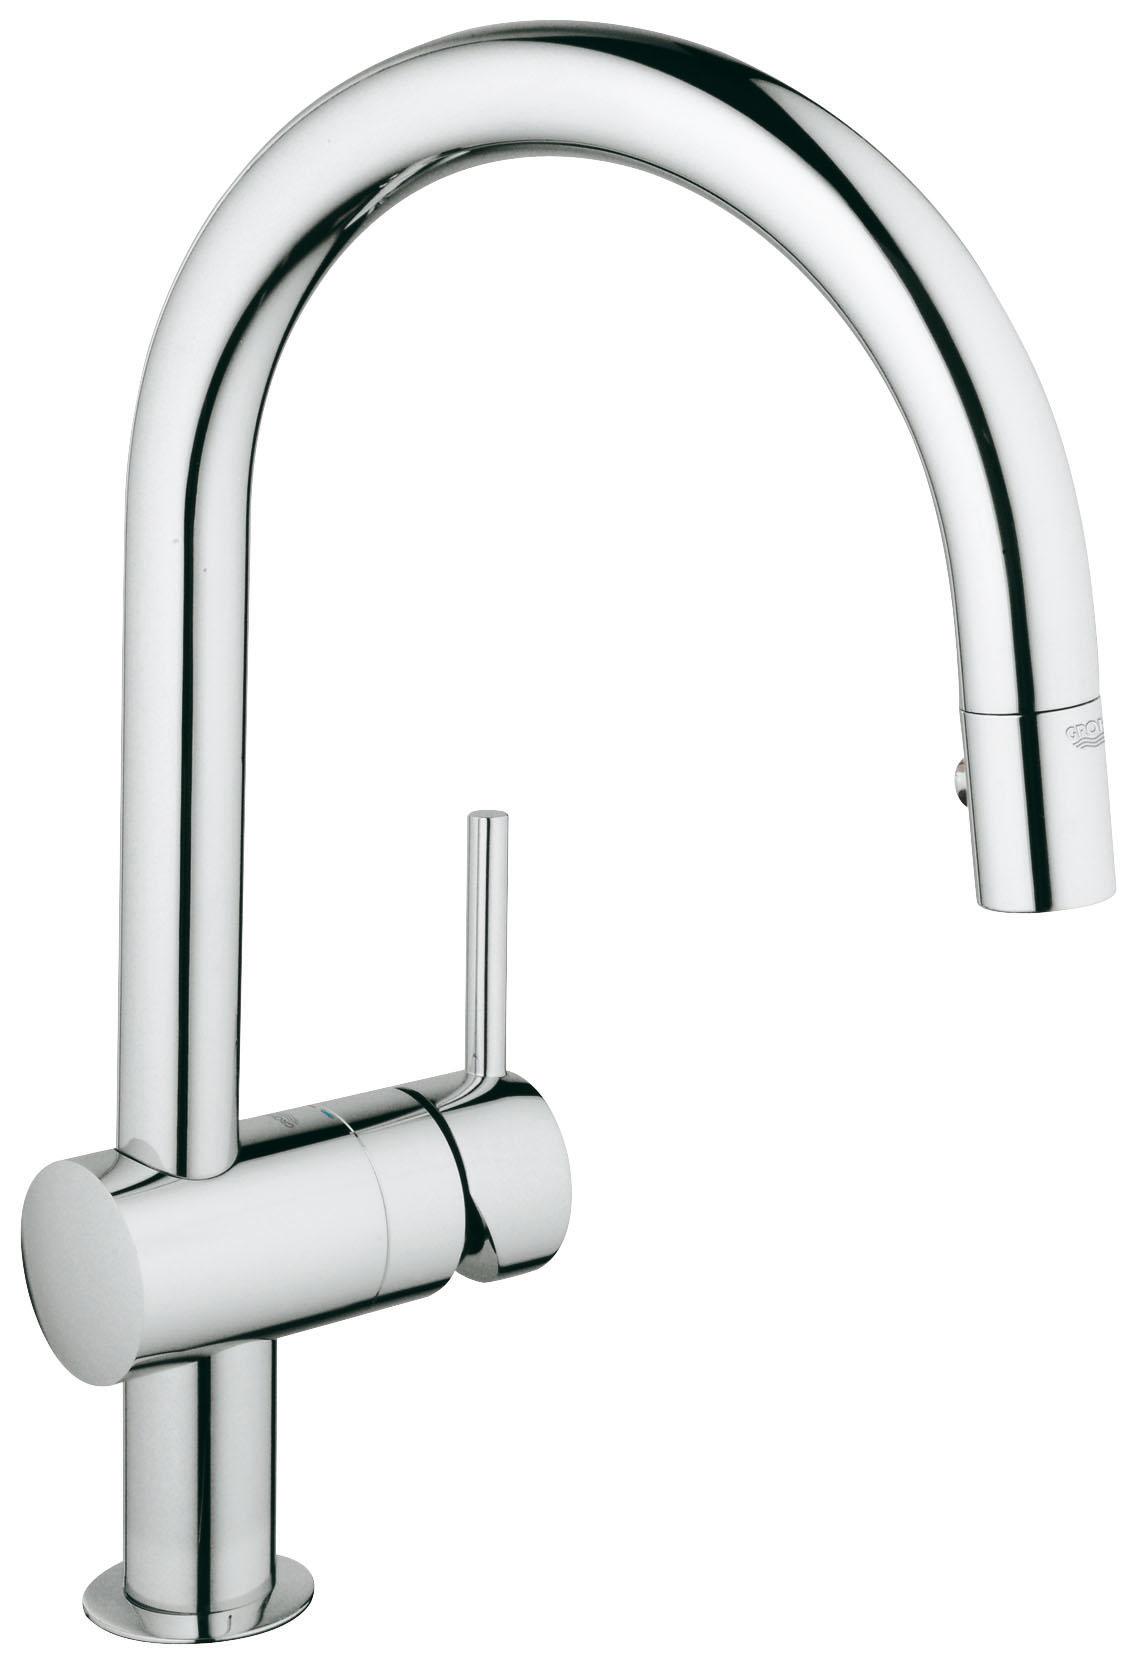 Смеситель для кухни с душем Grohe Minta 32321000 смеситель с душем недорого купить